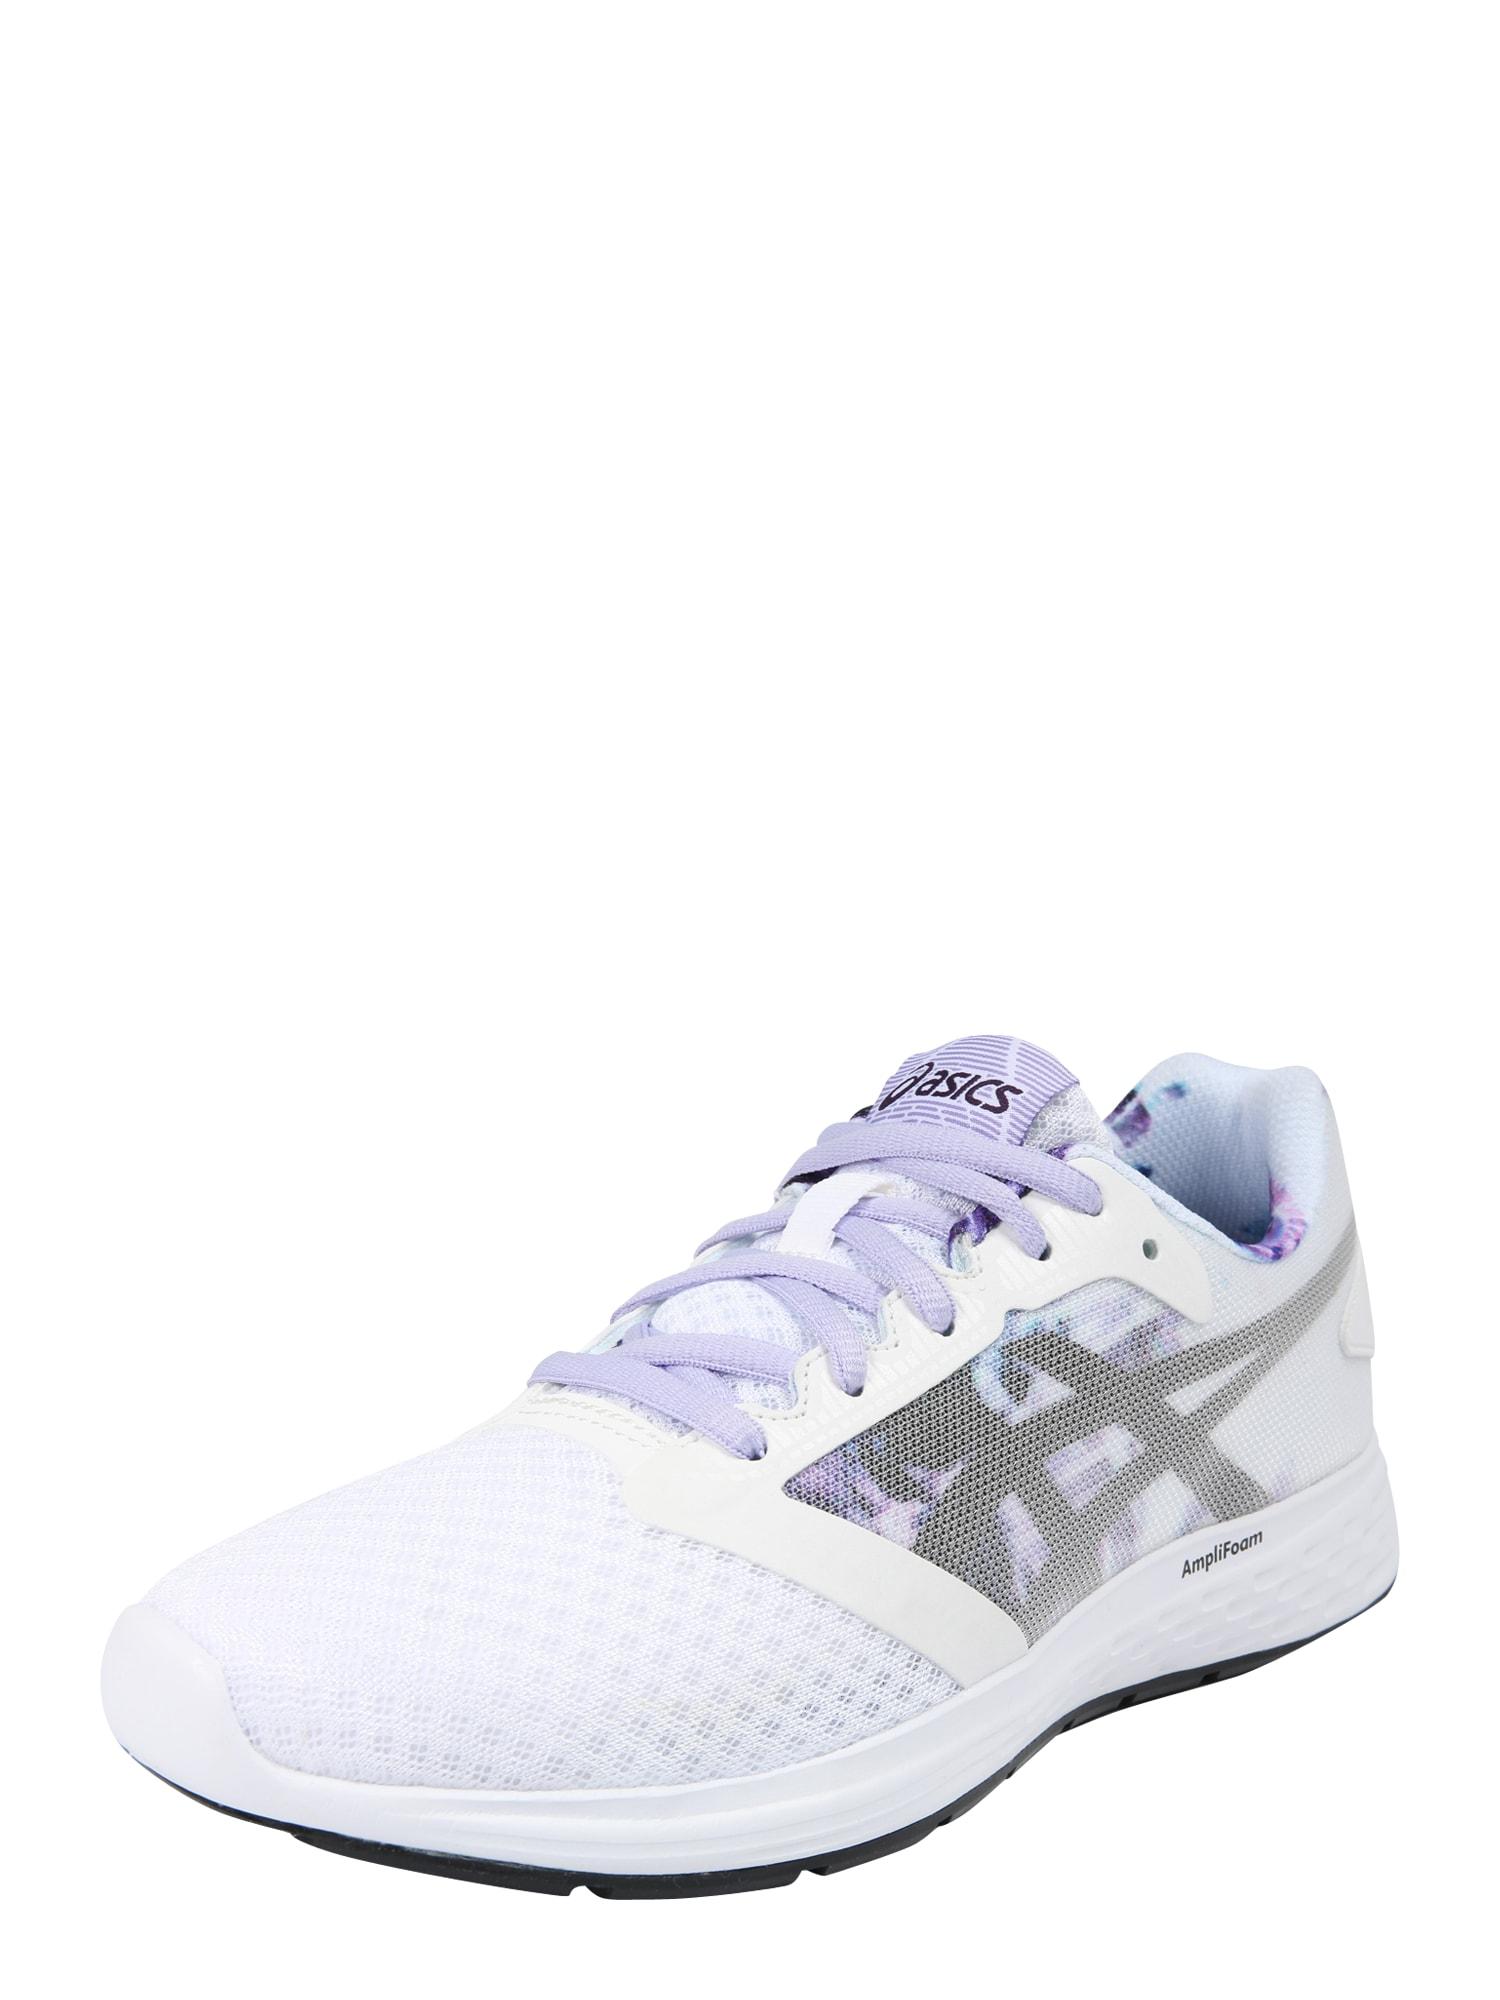 Sportovní boty Patriot 10 SP šedá fialová bílá ASICS